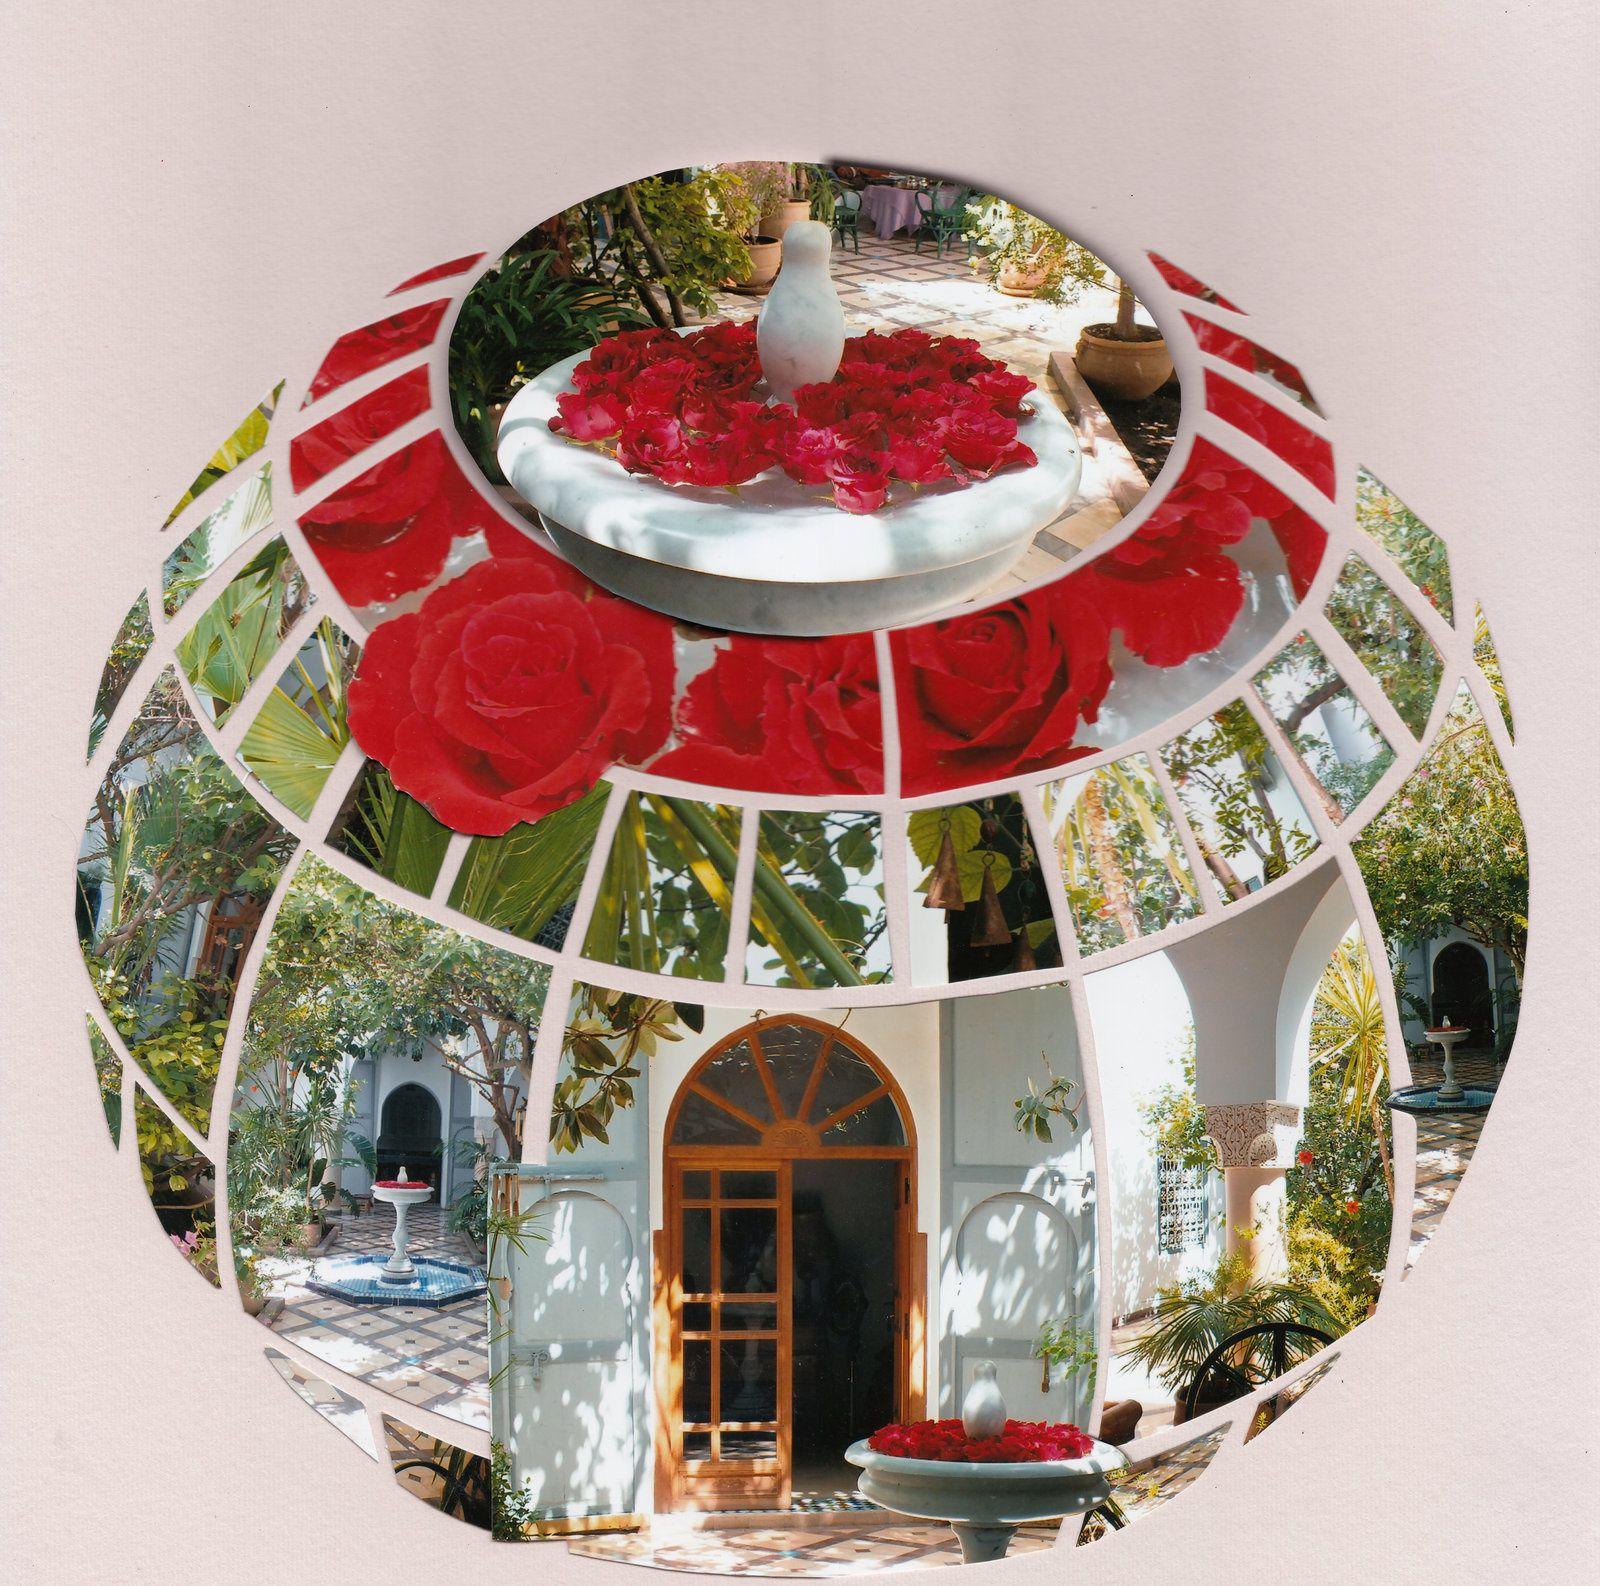 Marrakech suite, Le Riad, Gabarit Sphère